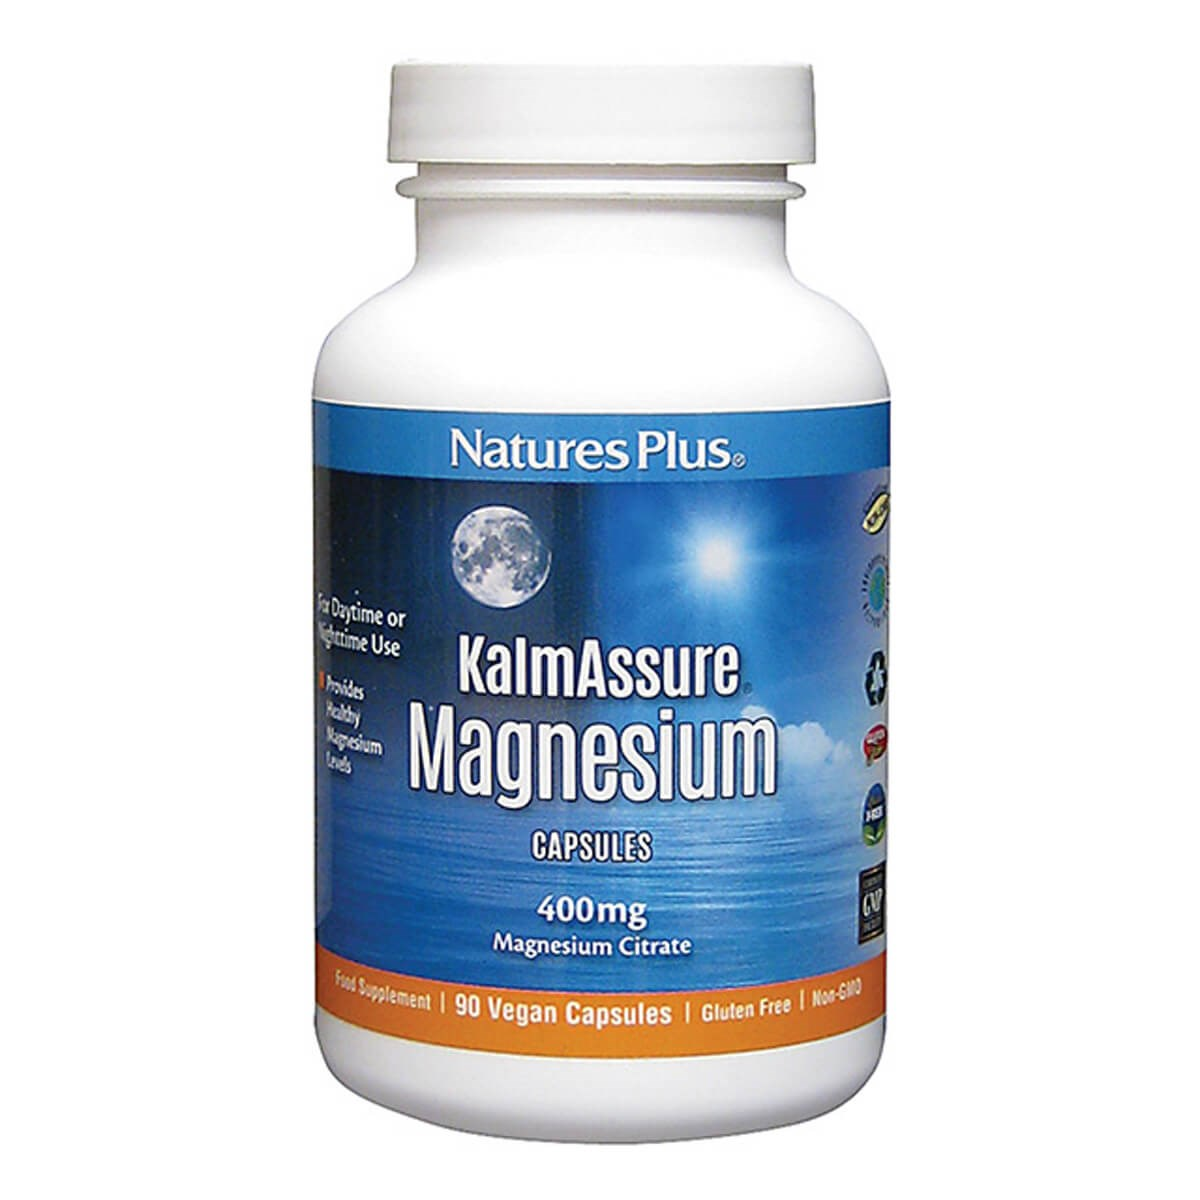 Natures Plus Kalmassure Magnesium